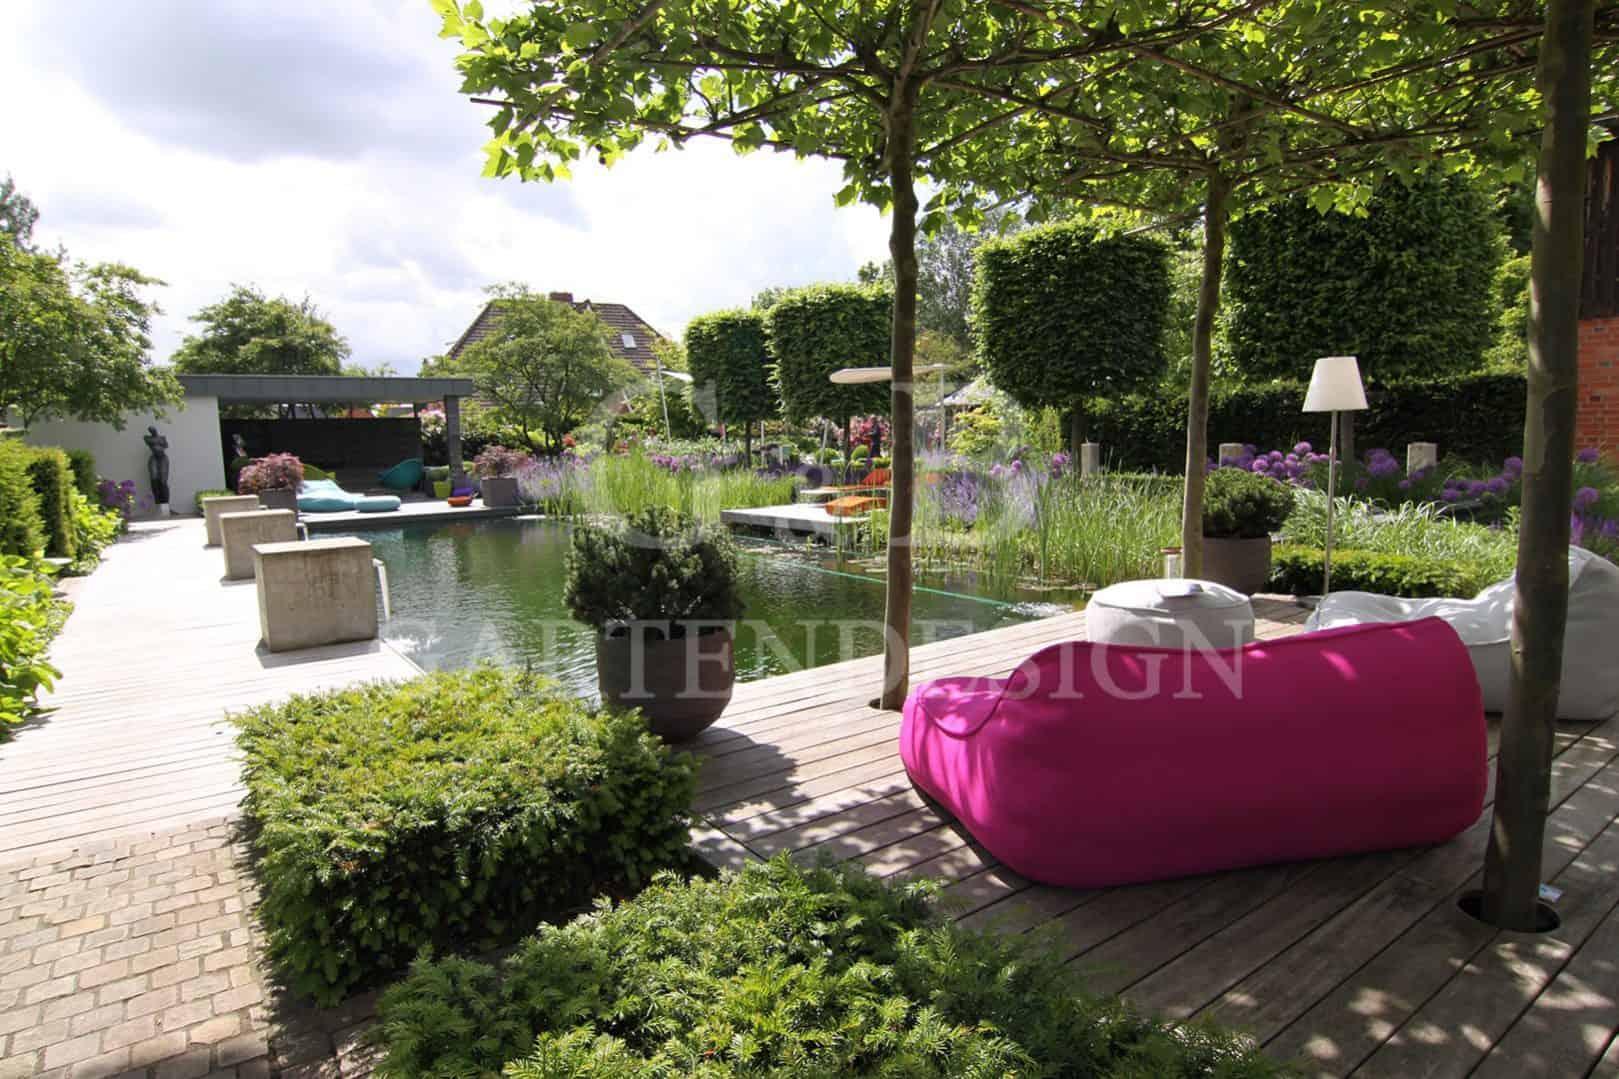 Schaugarten norddeutschland gempp gartendesign for Gartendesign